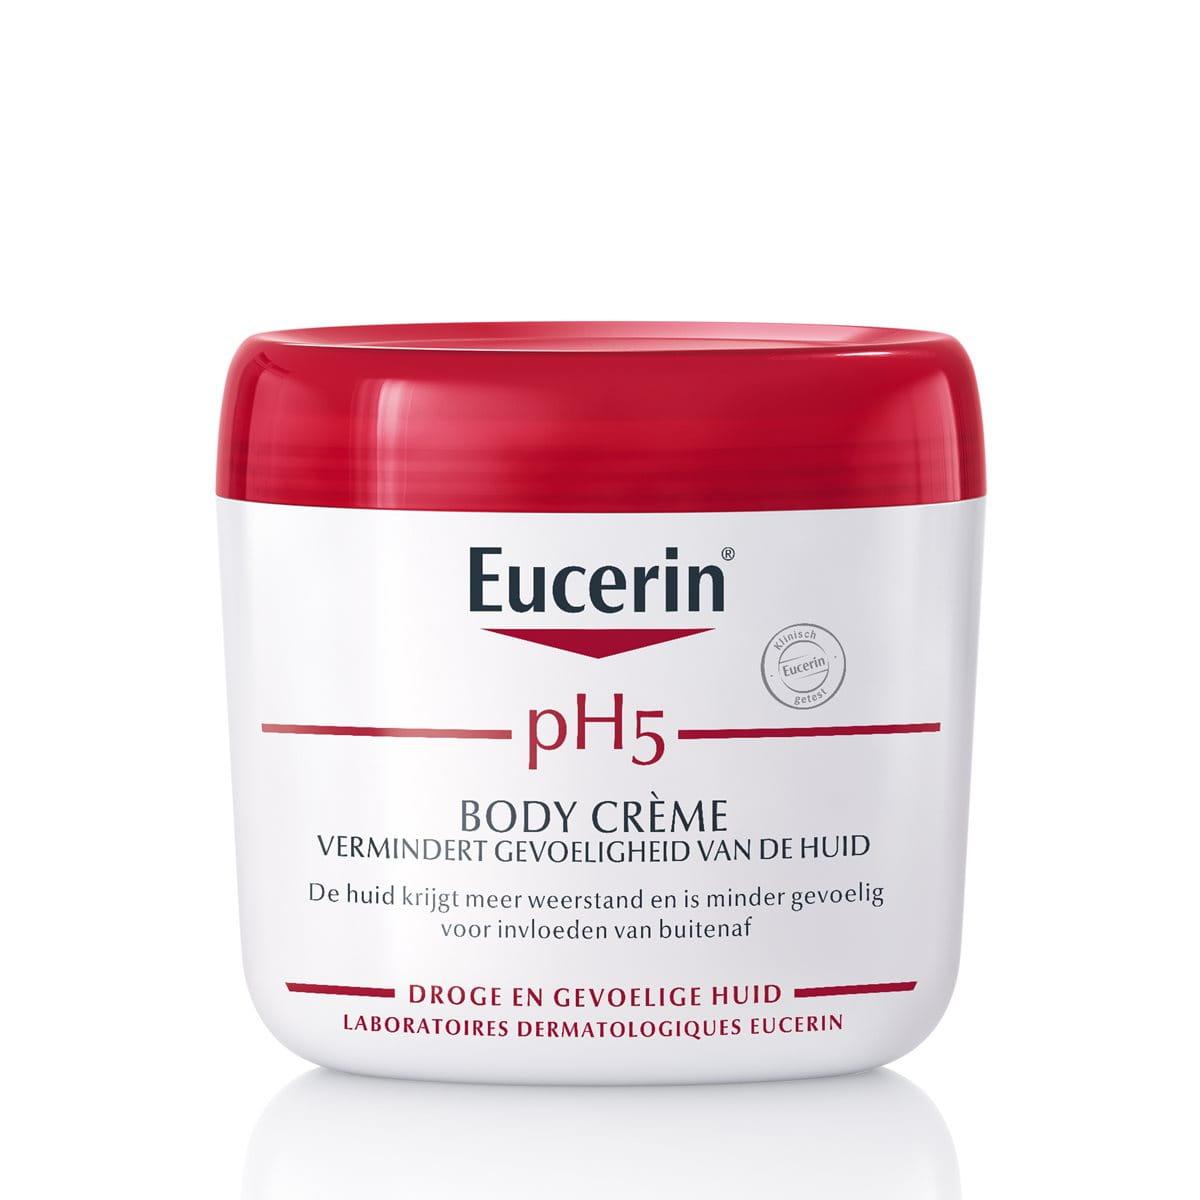 Body crème voor gevoelige huid